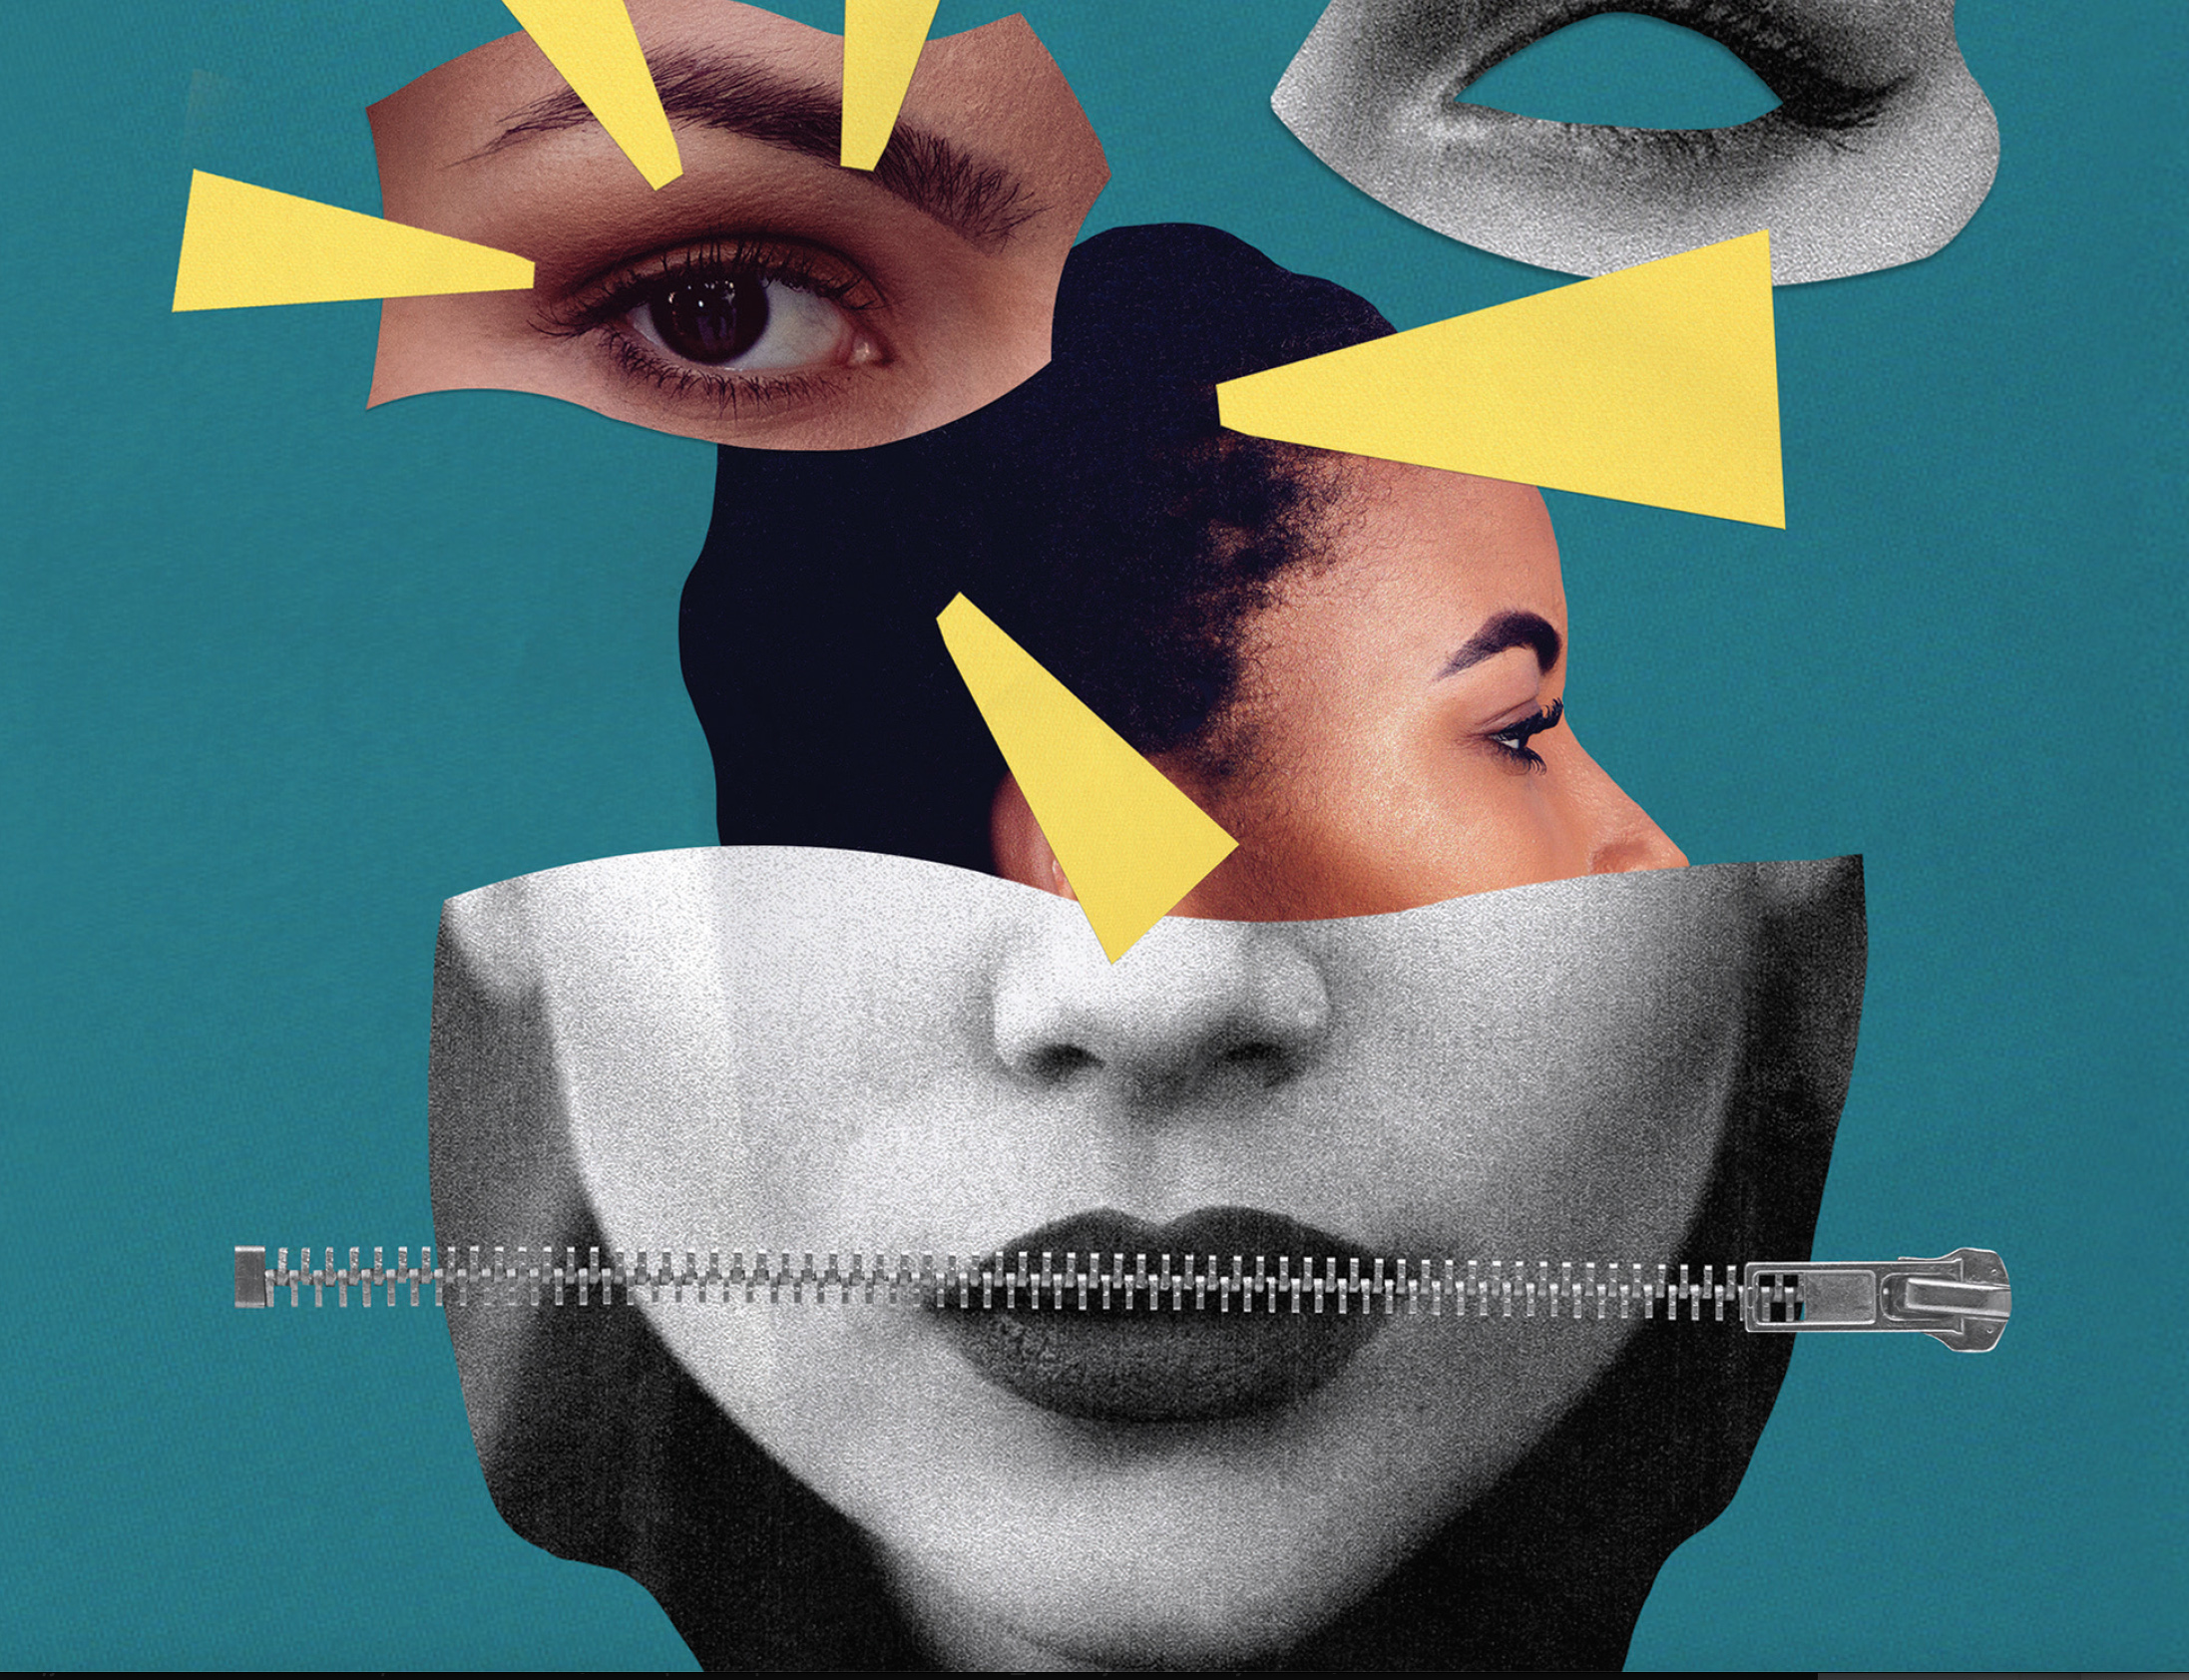 Unescon raportin kansikuva, jossa nainen, jonnka suun edessä vetoketju.